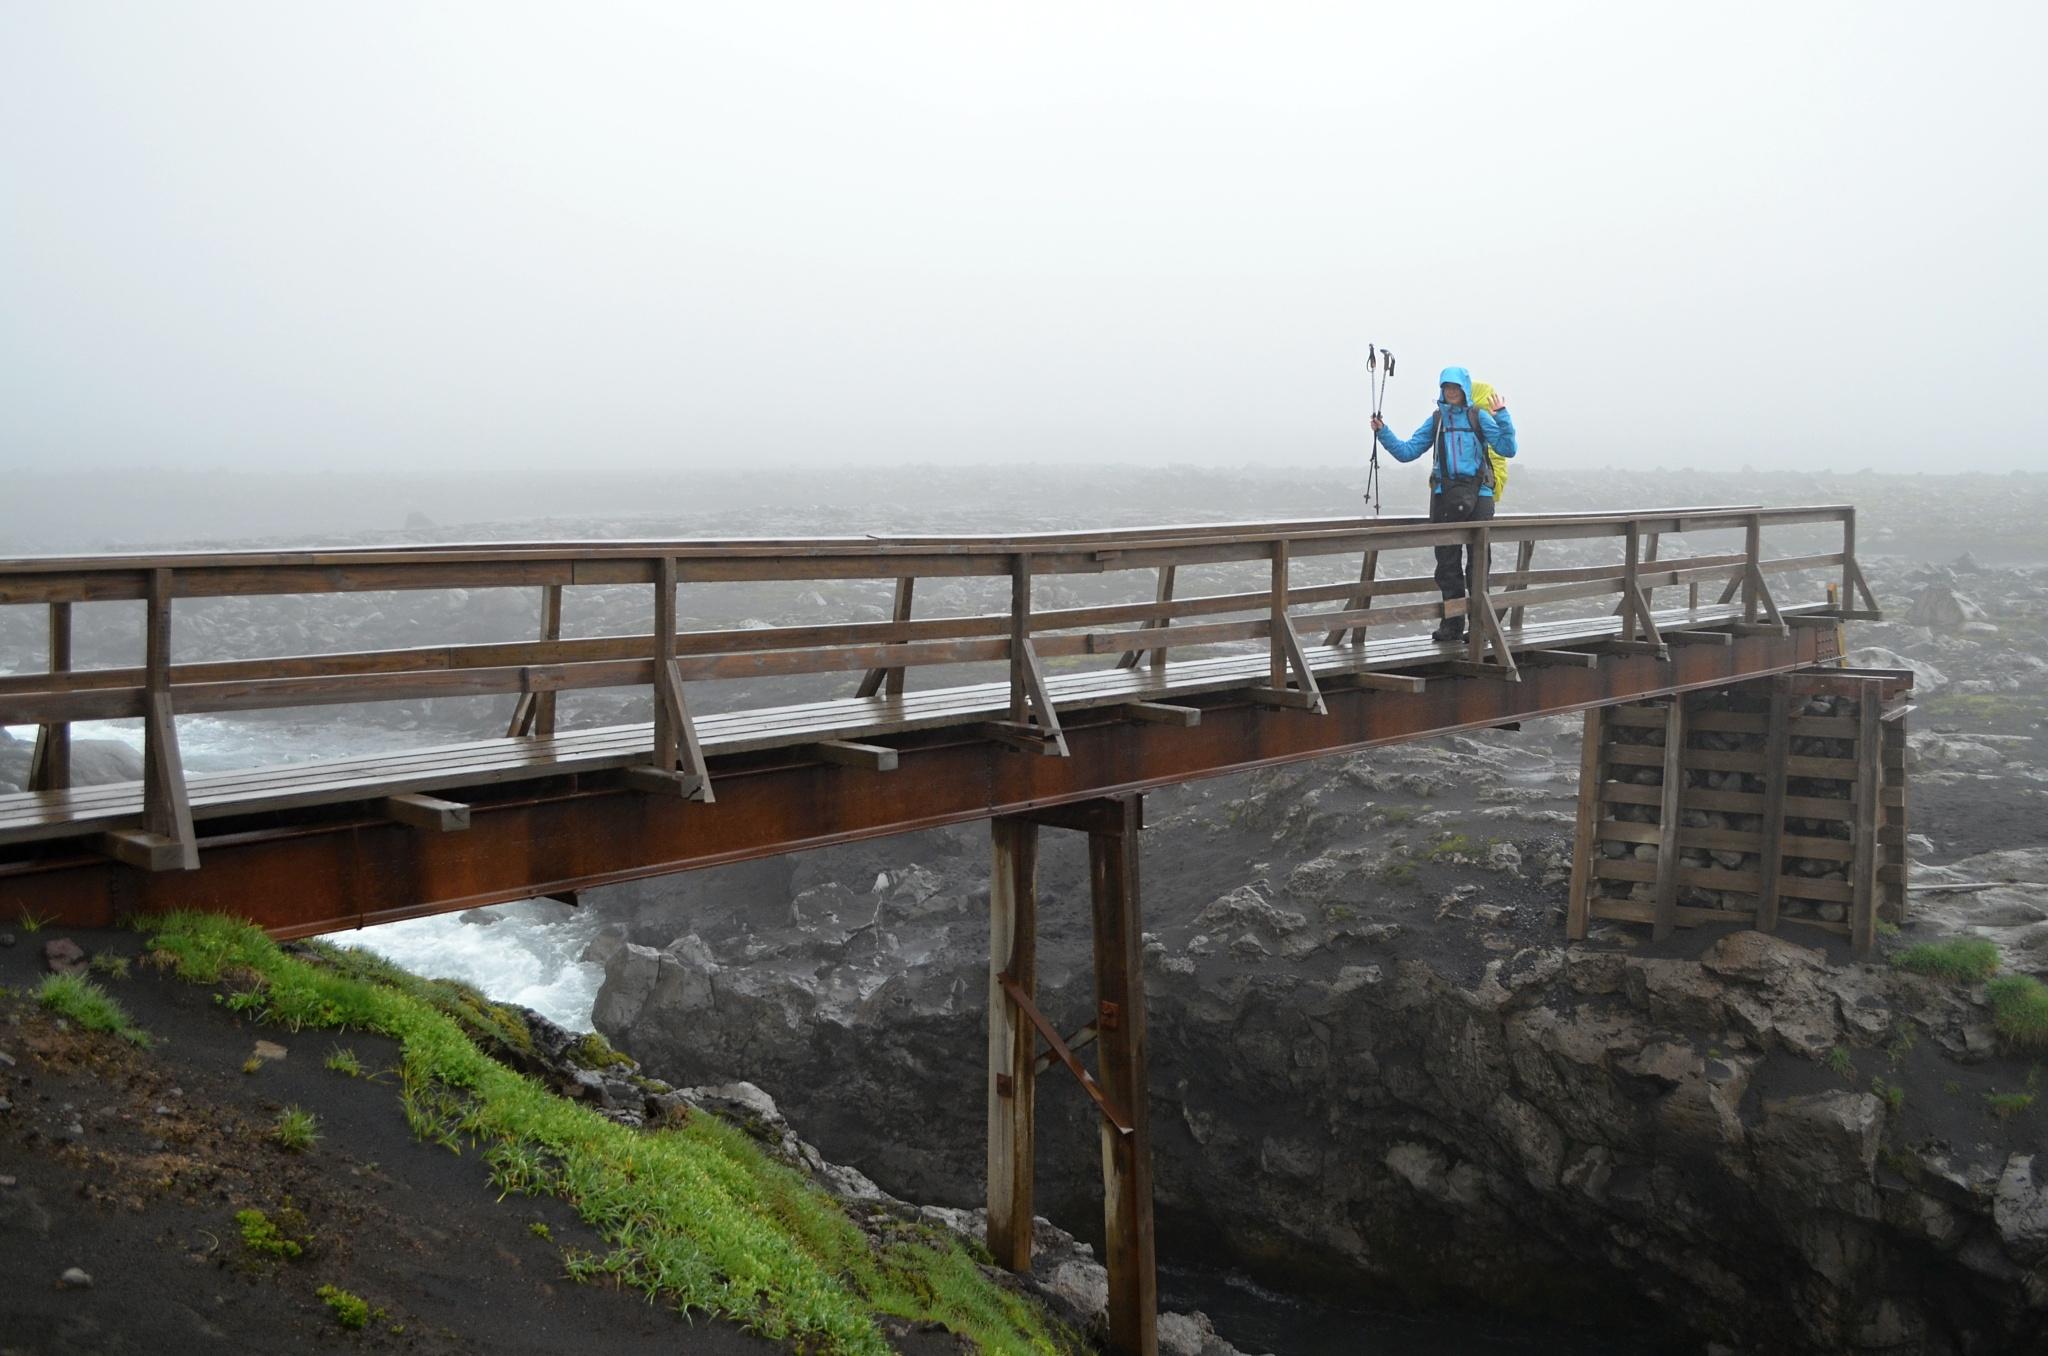 Důvěru ne zcela budící most přes řeku Skógá